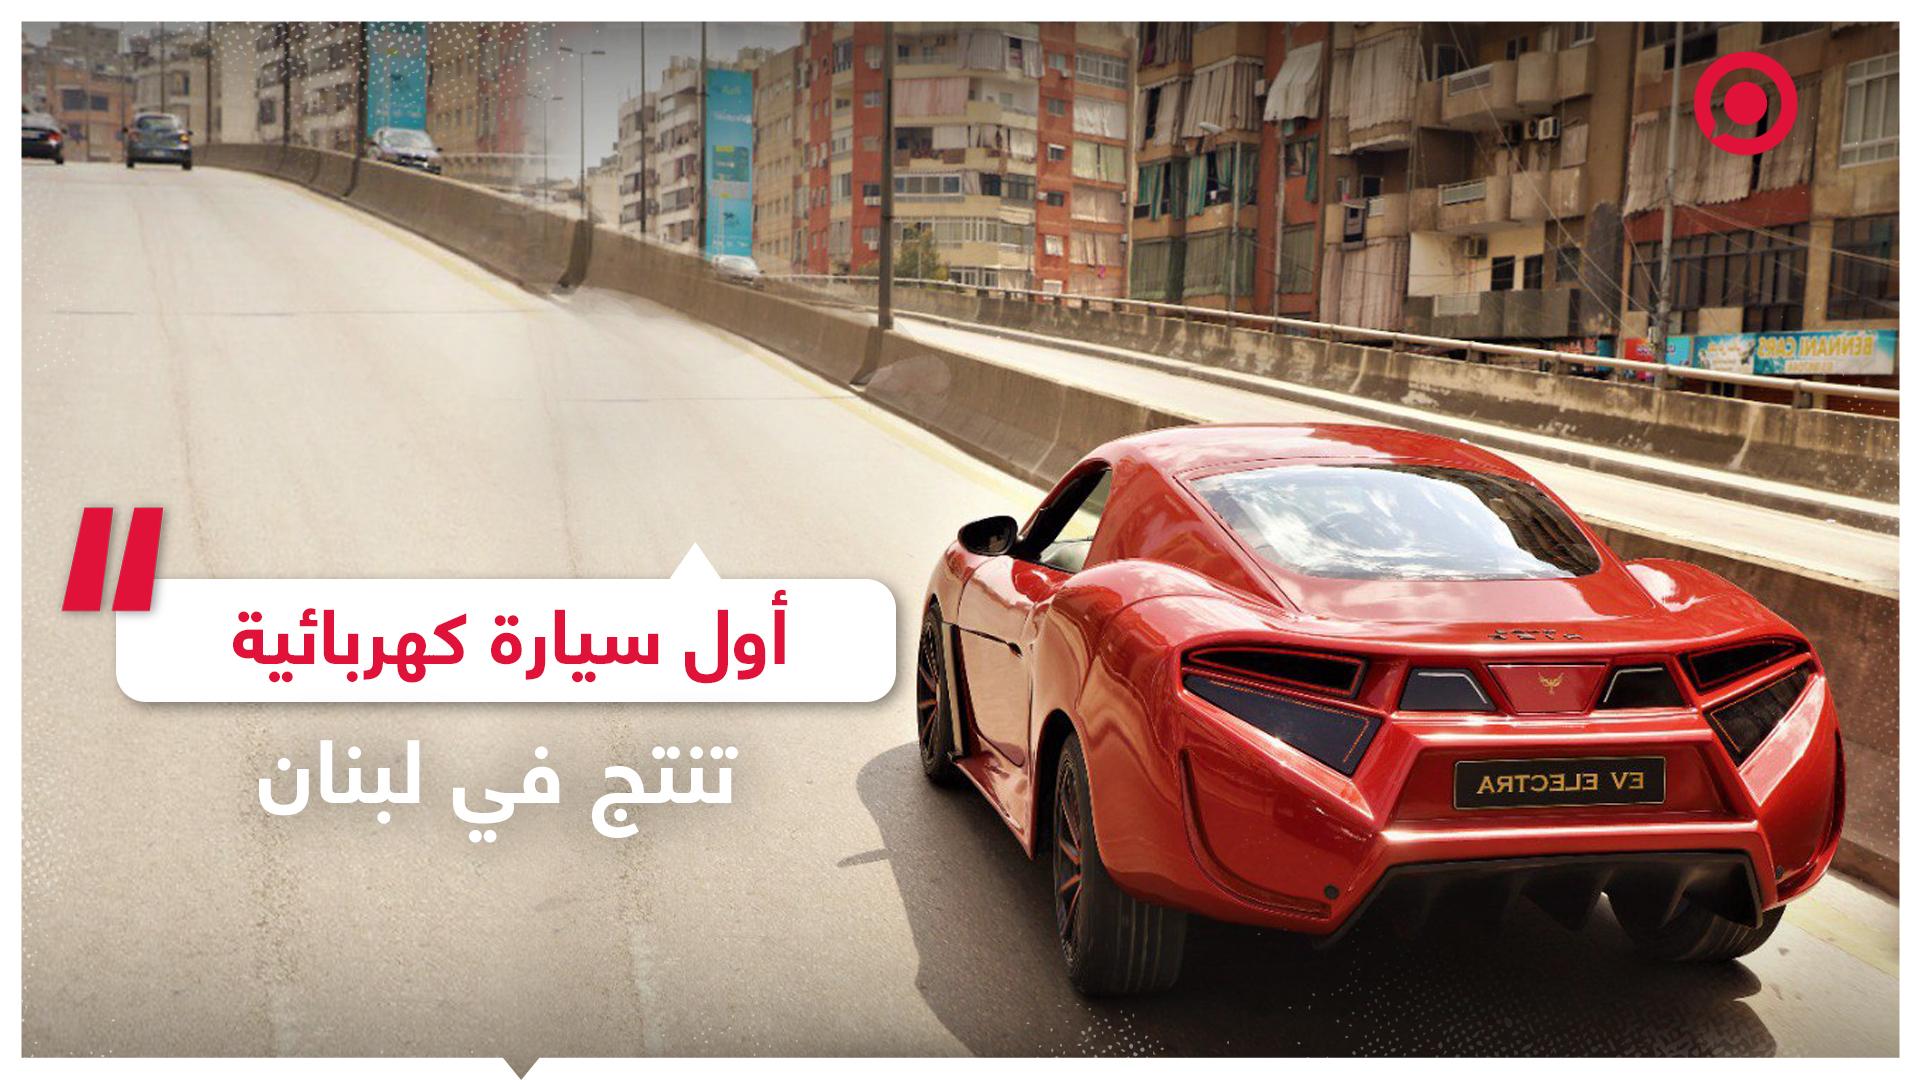 #ابتكارات   #سيارات_كهربائية  #بحوث